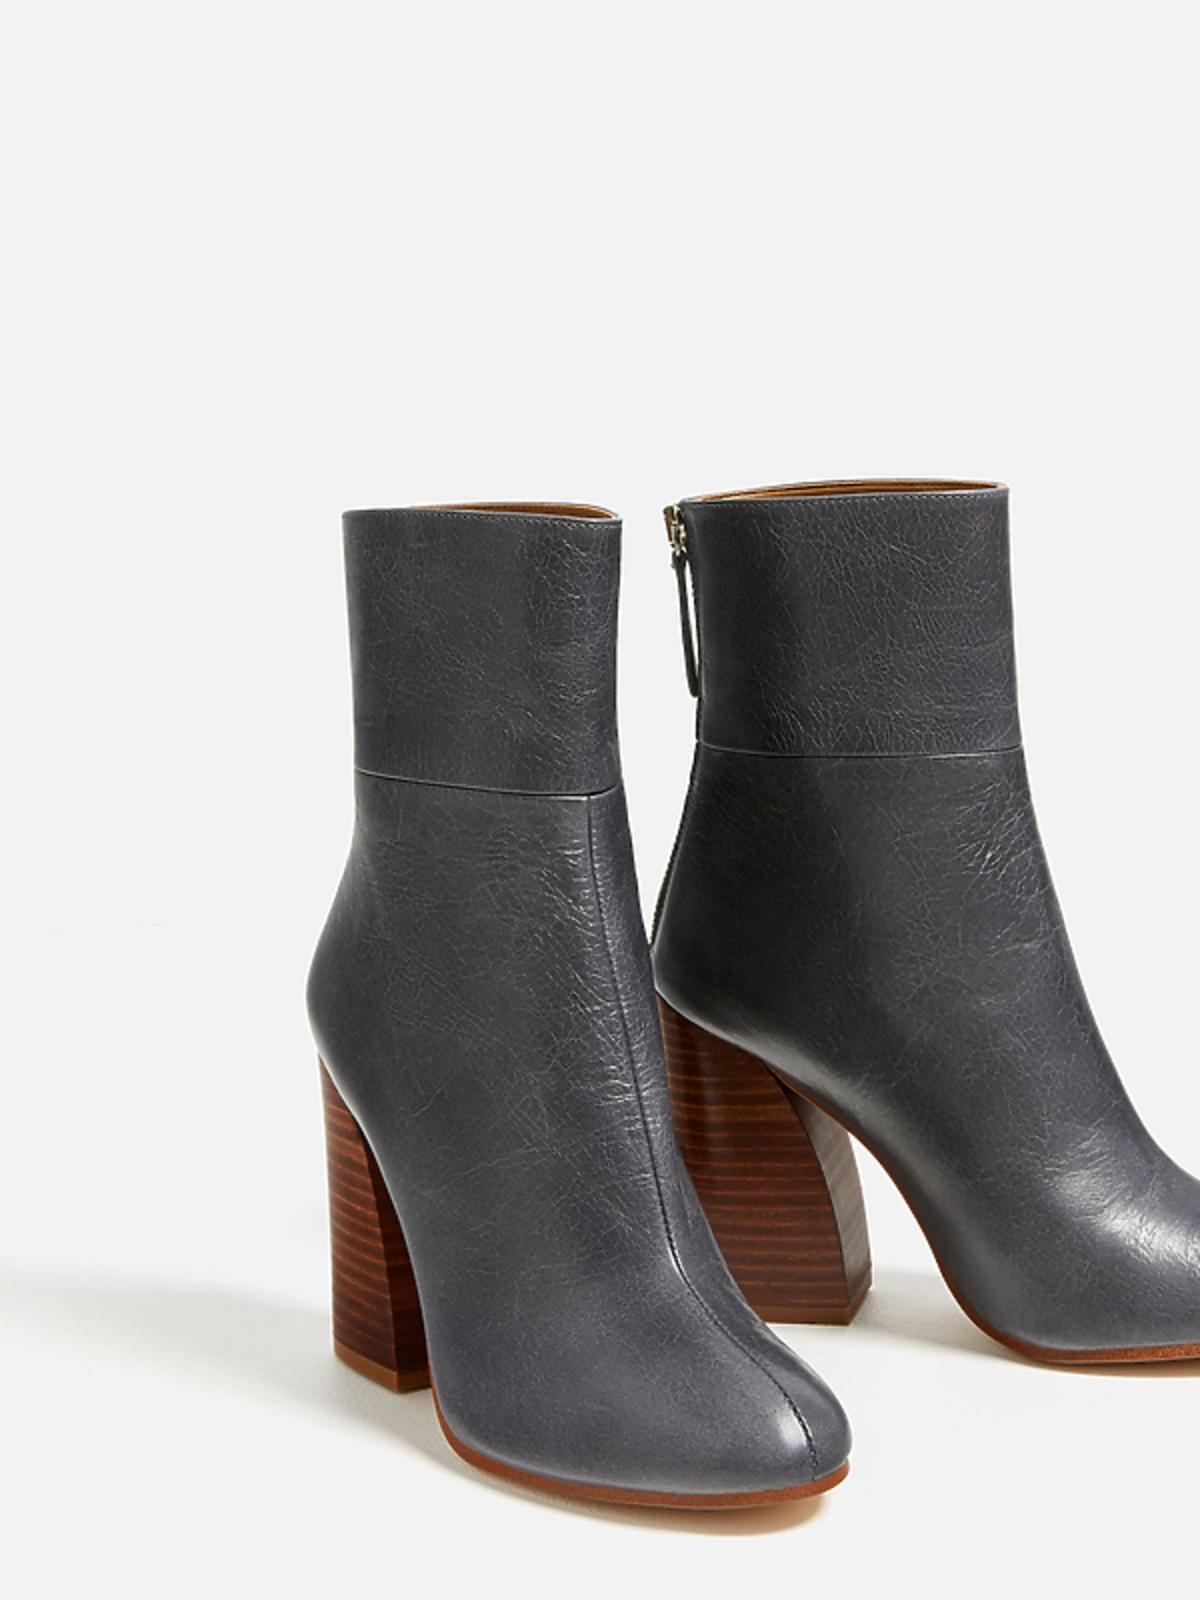 Wyprzedaż zimowa 2016: Skórzane botki, Zara, przecenione z 359,00 zł na 239,00 zł